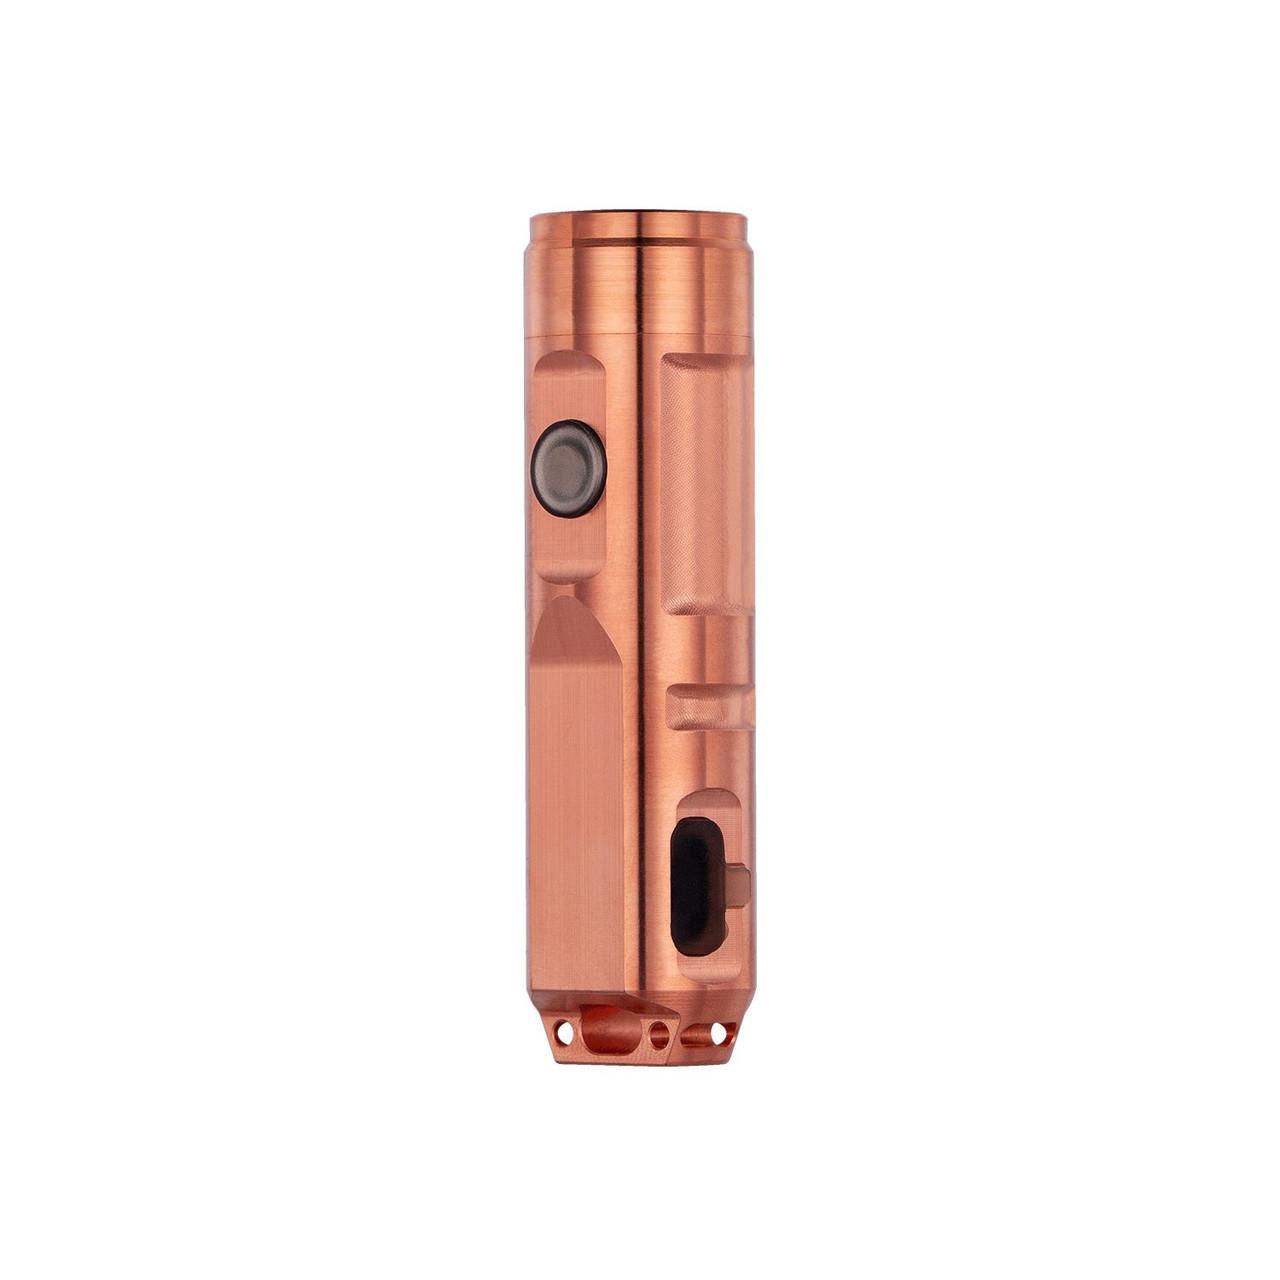 RovyVon A9 Cree XP-G3 Copper